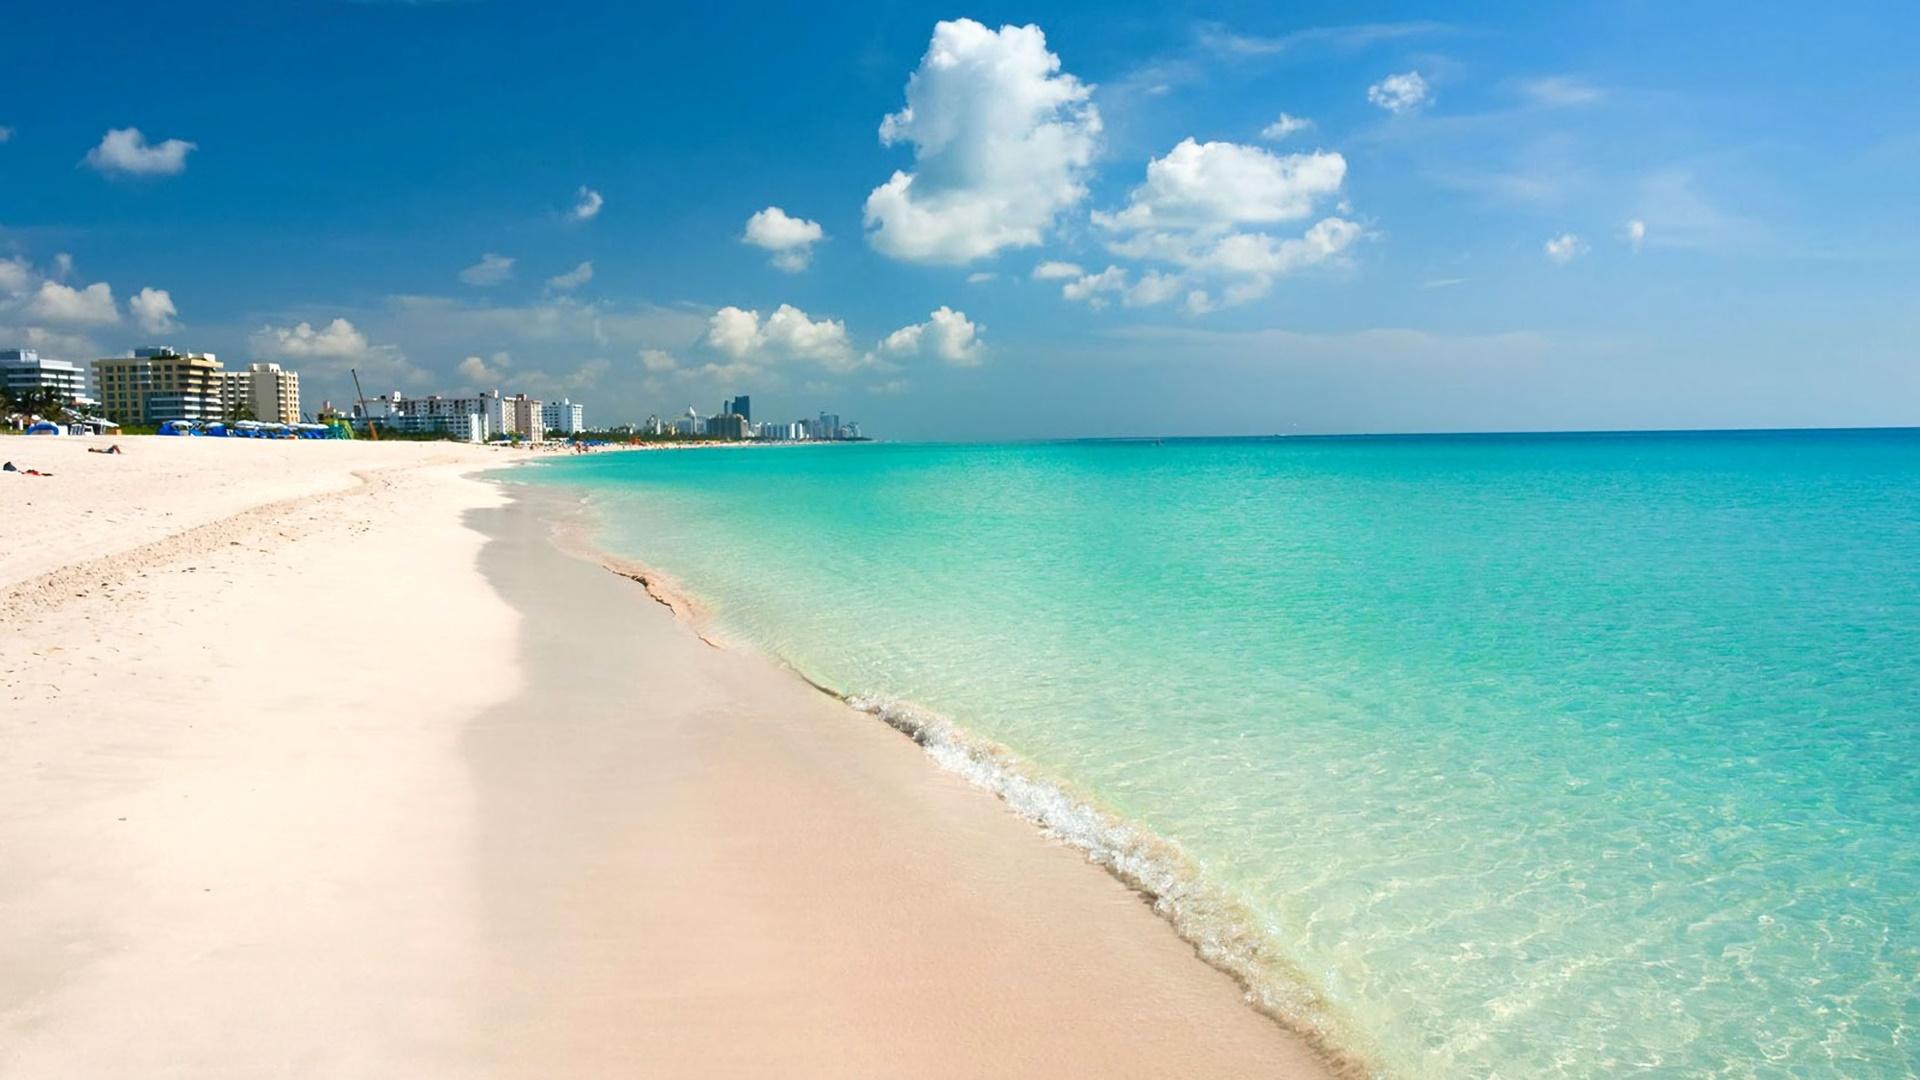 West Palm Beach, Florida wallpaper